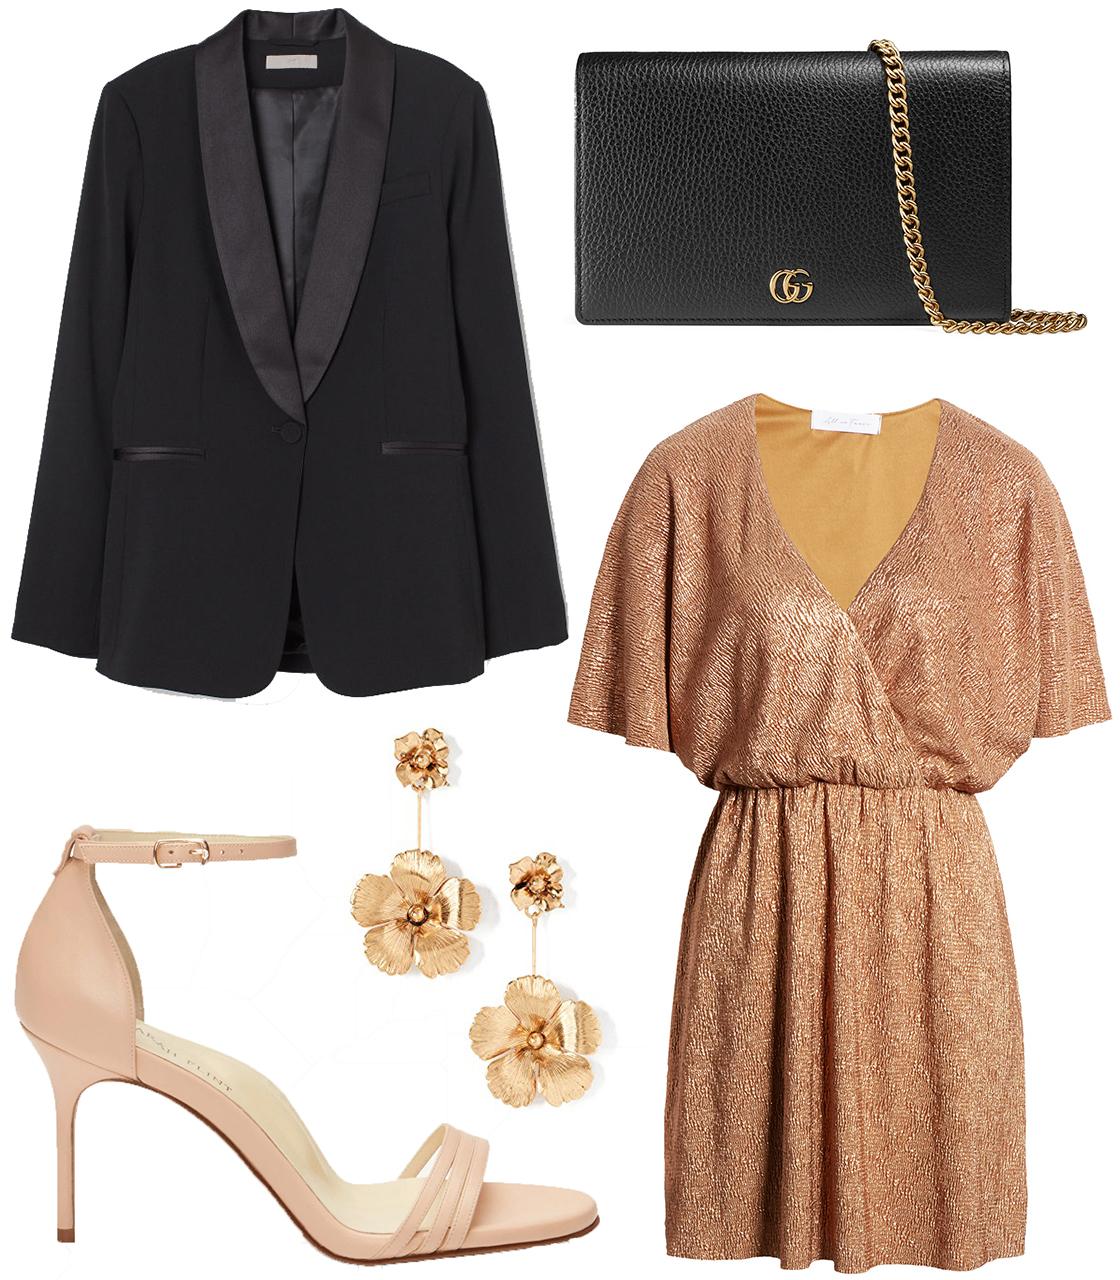 fancy date outfit ideas